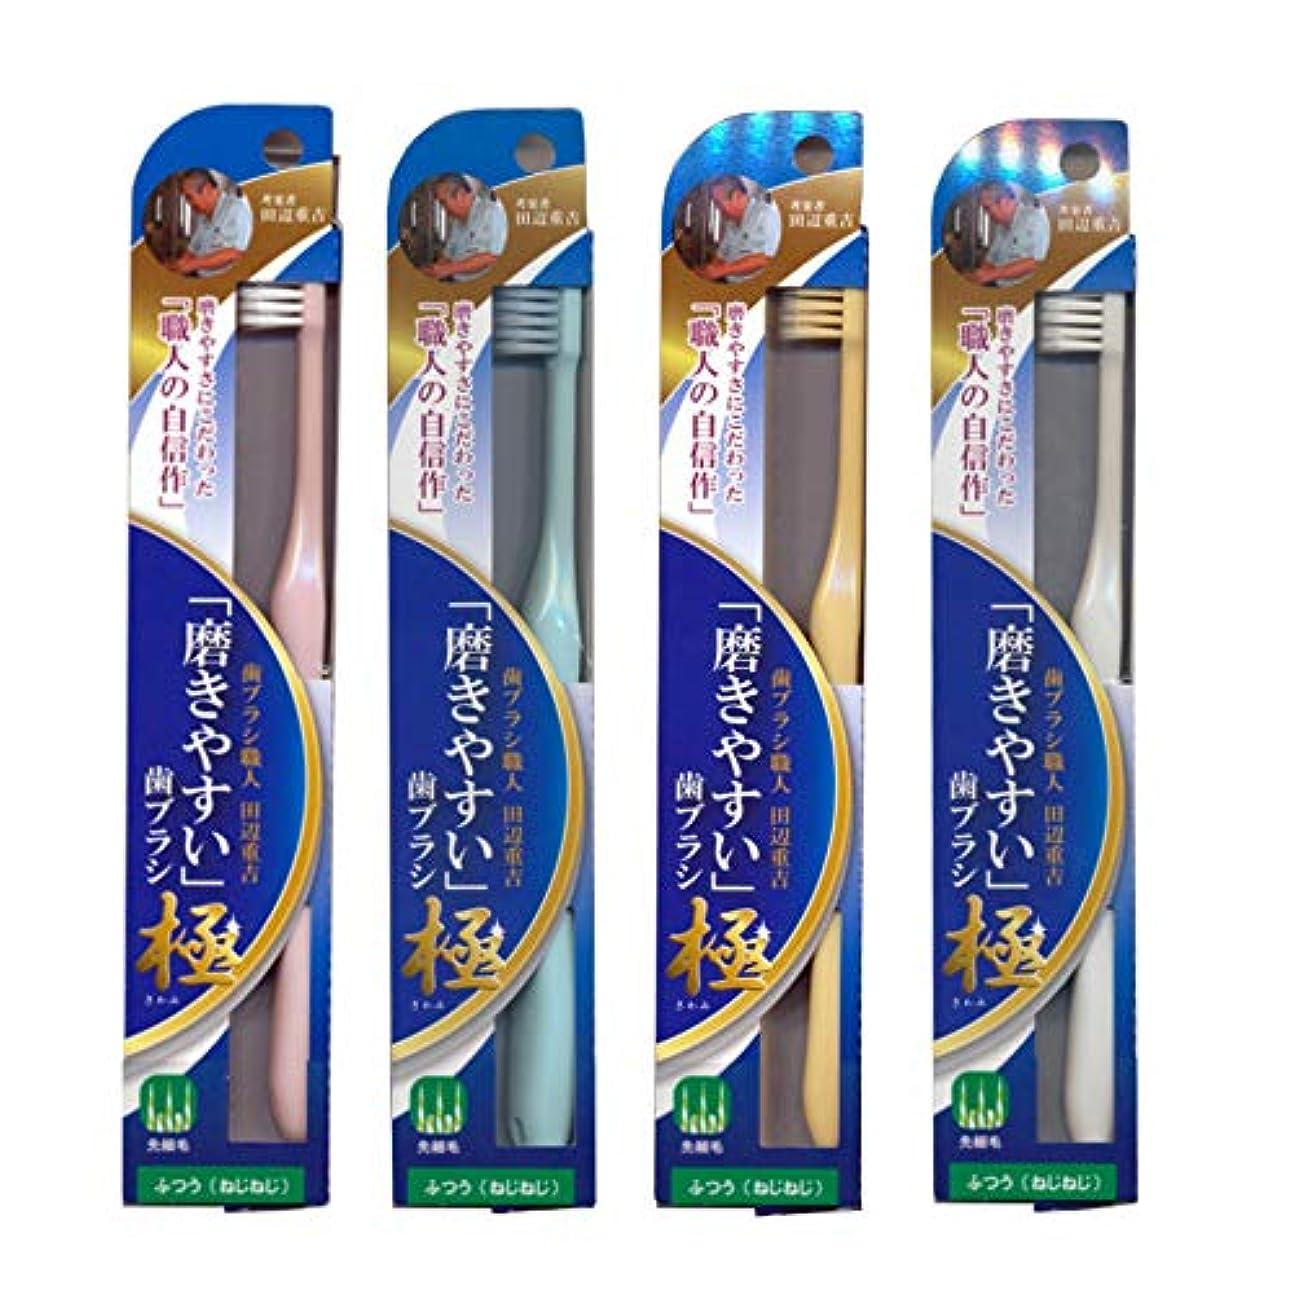 前書きベリいわゆる磨きやすい歯ブラシ極 (ふつう ねじねじ) LT-45×4本セット(ピンク×1、ブルー×1、ホワイト×1、イエロー×1) 先細毛